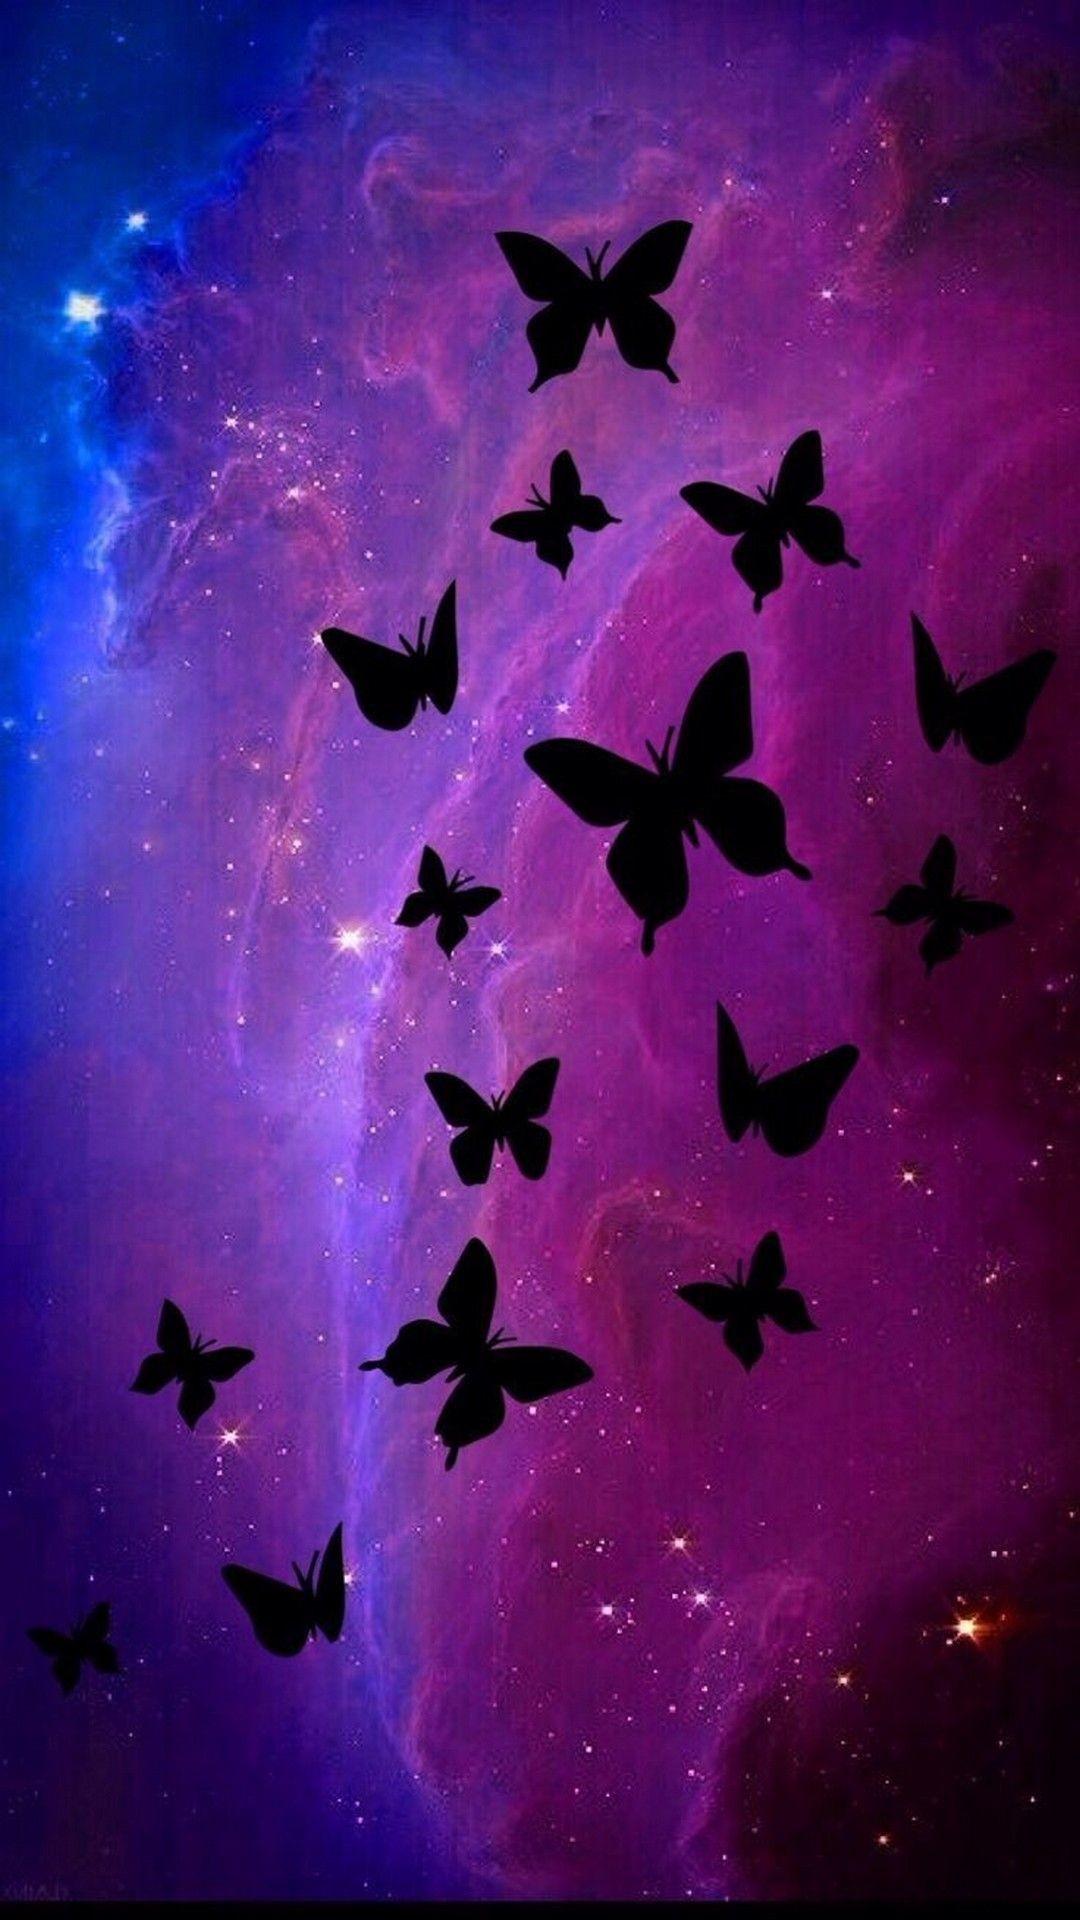 1080x1920 Black Butterfly Purple Iphone 7 Wallpaper Iphone Butterfly Wallpaper Hd 1080x1920 Wallpaper Teahub Io